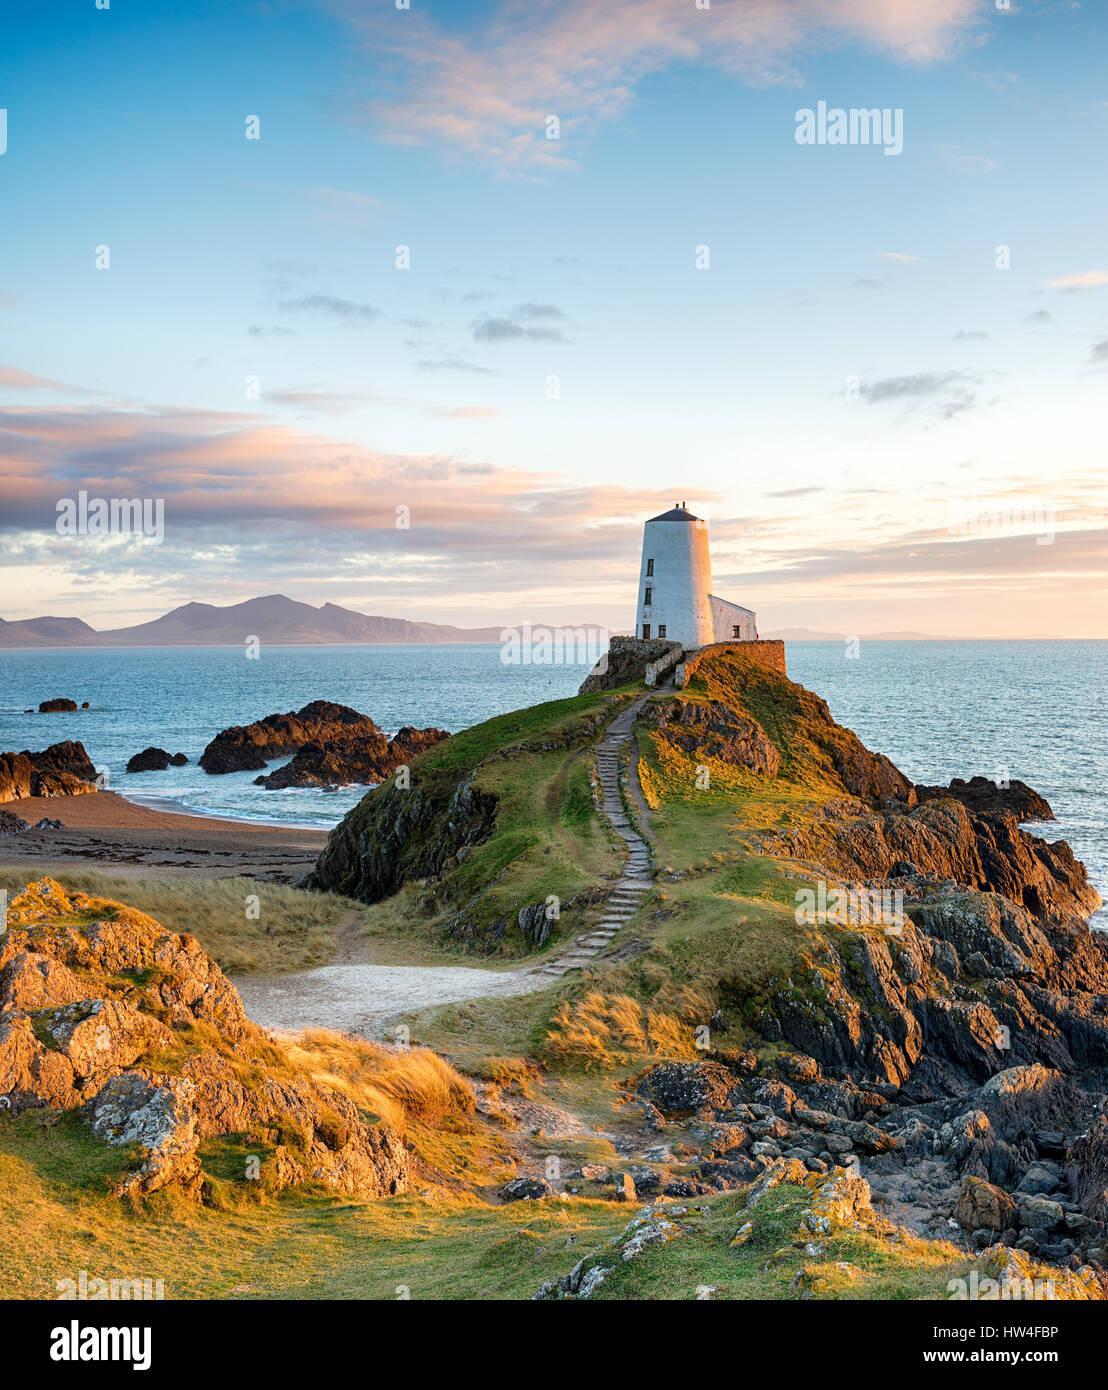 La incredibilmente bella isola di Llanddwyn sulla costa di Anglesey nel Galles del nord Immagini Stock